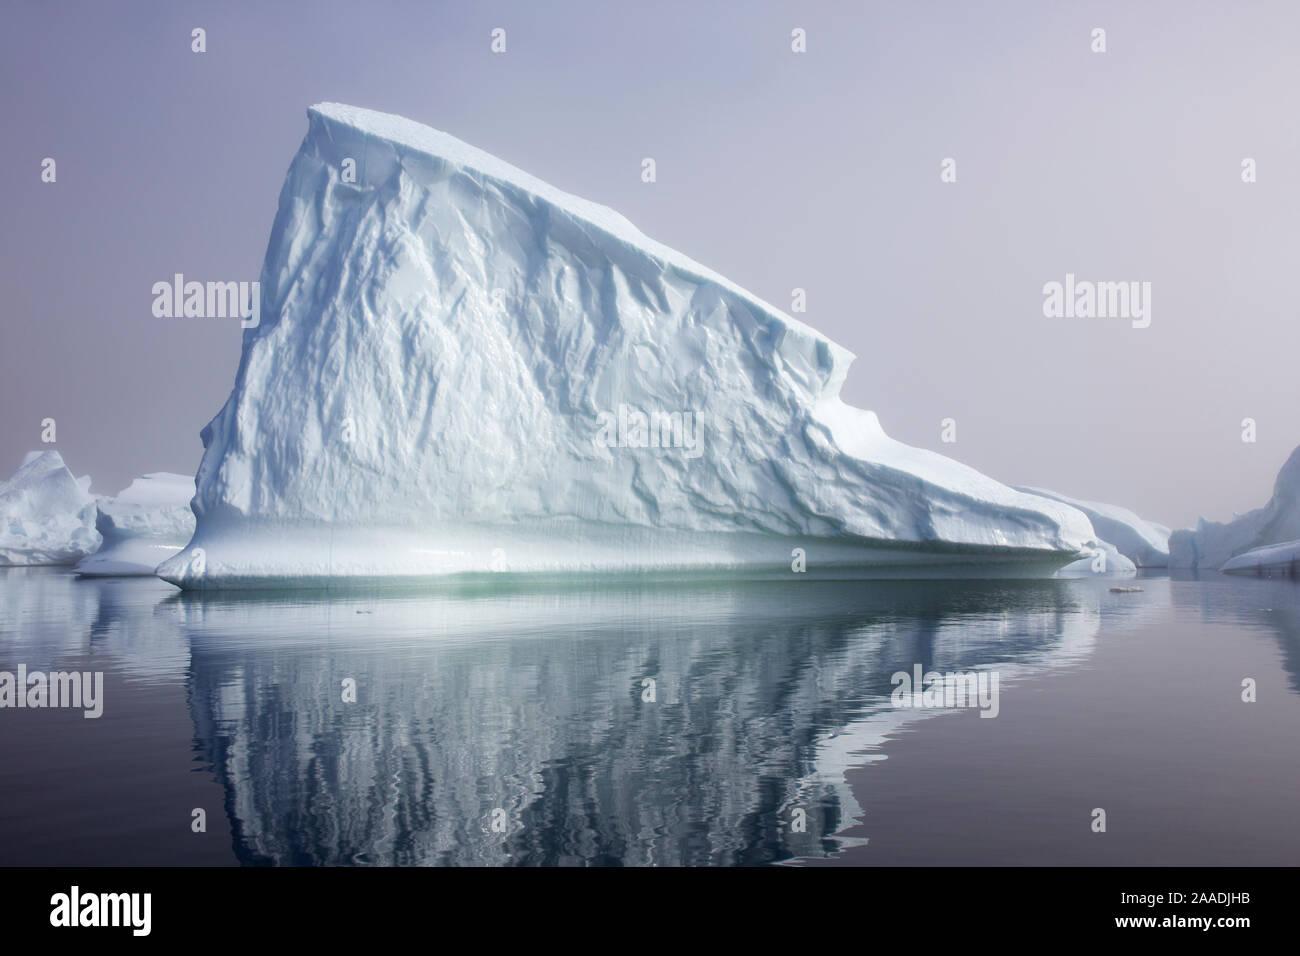 Iceberg dans la mer à l'extérieur le Fjord glacé d'Ilulissat UNESCO World Heritage Site, Groenland, août 2014. Pour le Projet Eau douce photographié. Banque D'Images